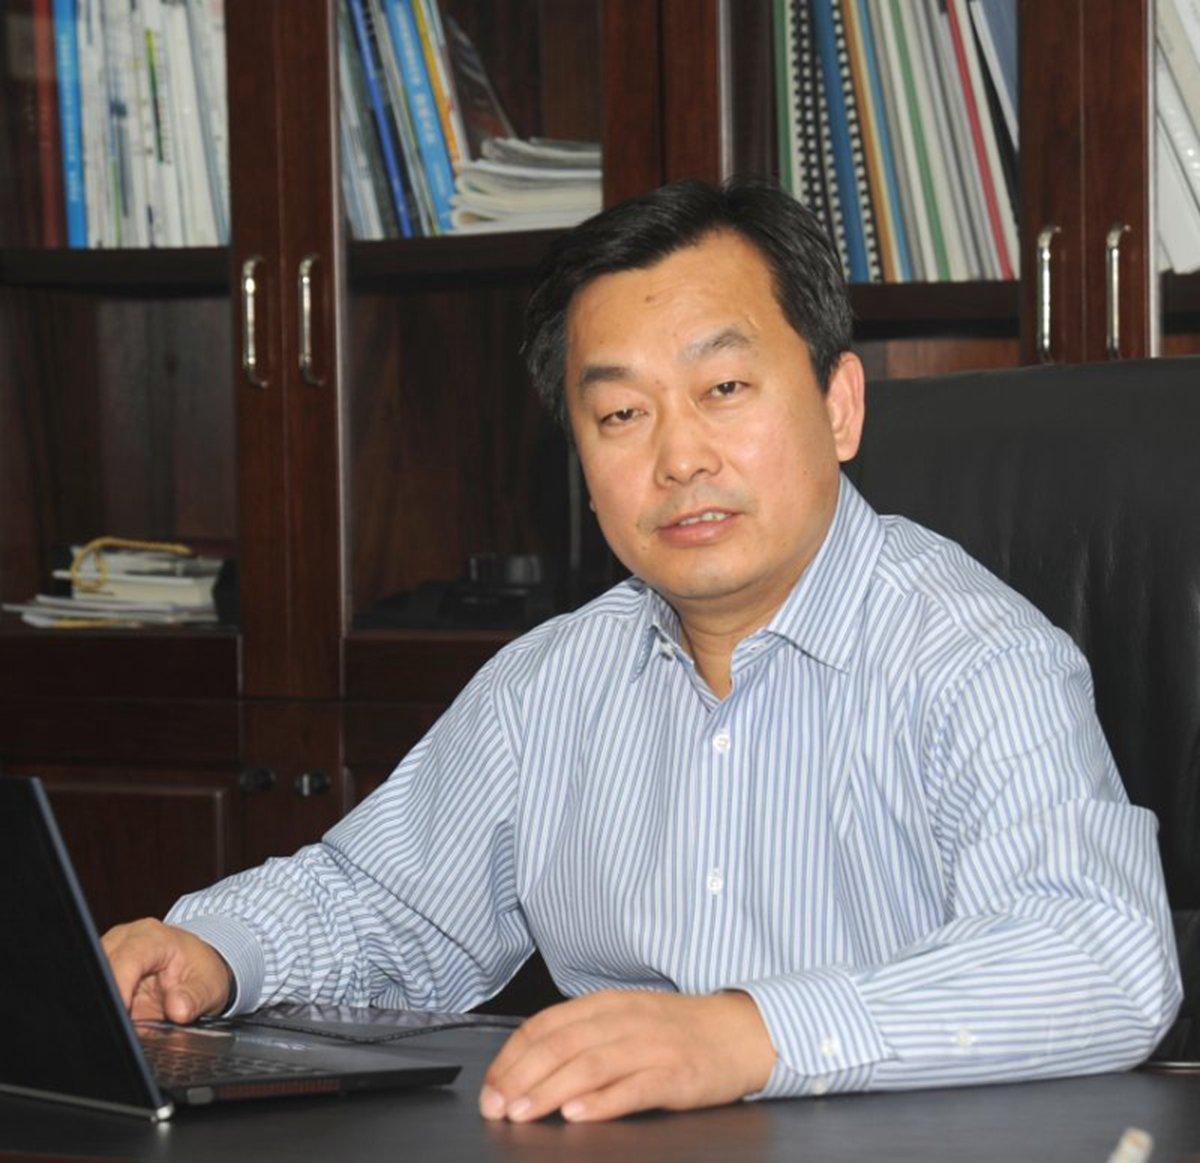 儒风乡情丨和隆优化董事长于现军:儒商精神展现山东品德 打造百年企业